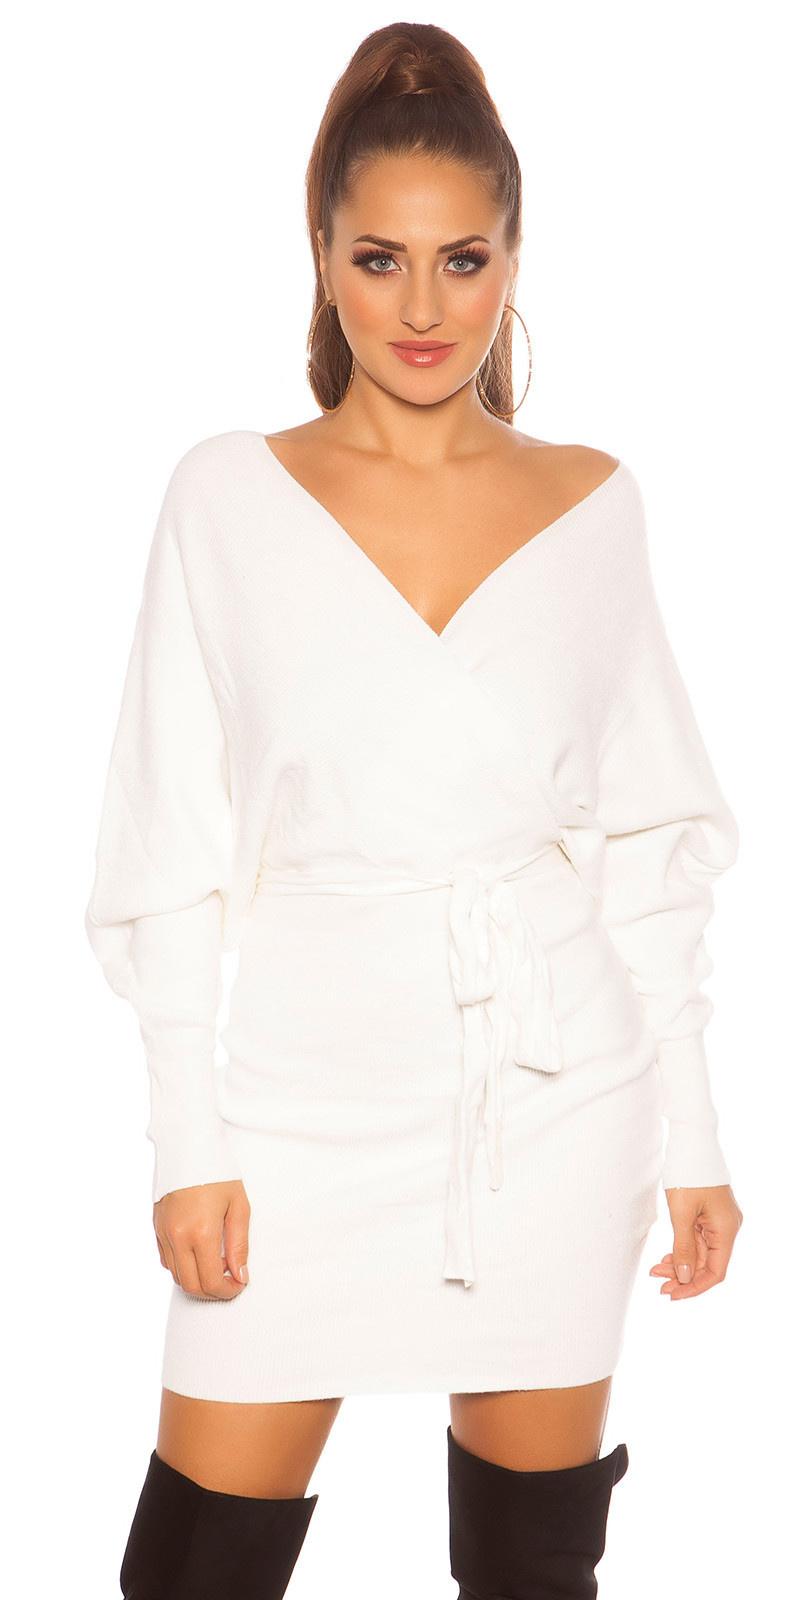 Sexy langmouw gebreide jurk wikkel look wit